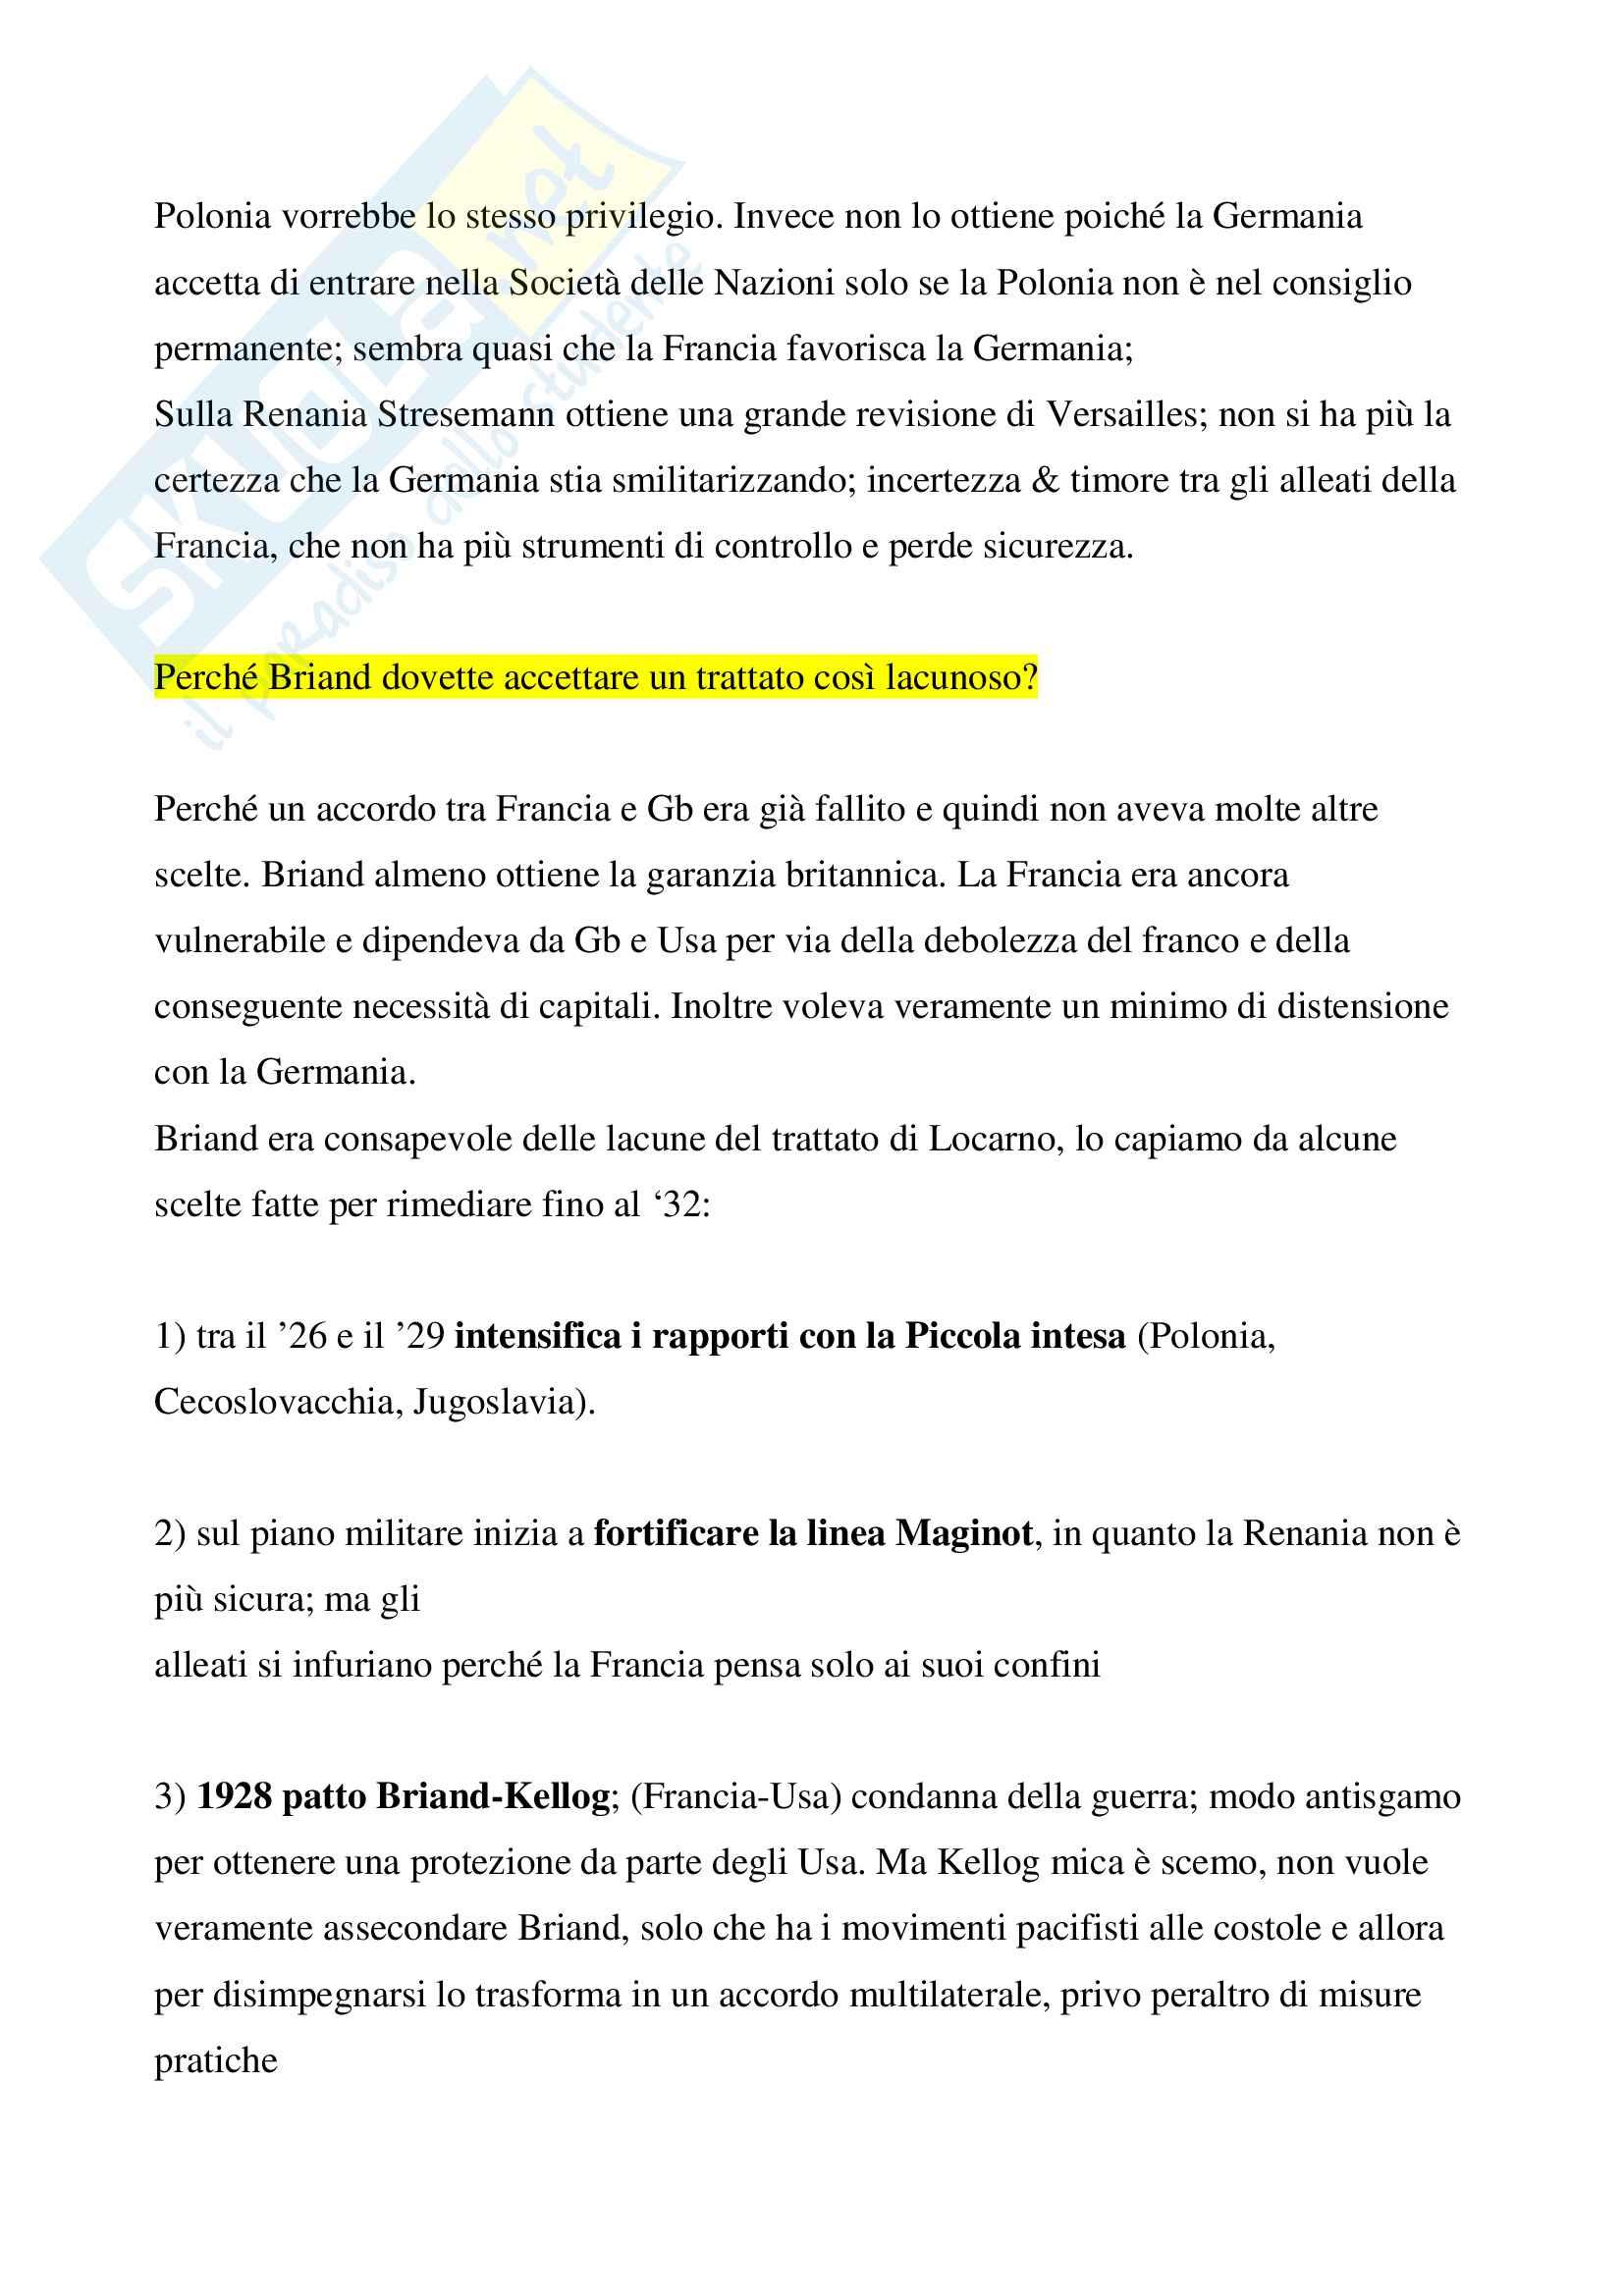 Trattati di Locarno 1925 Pag. 6